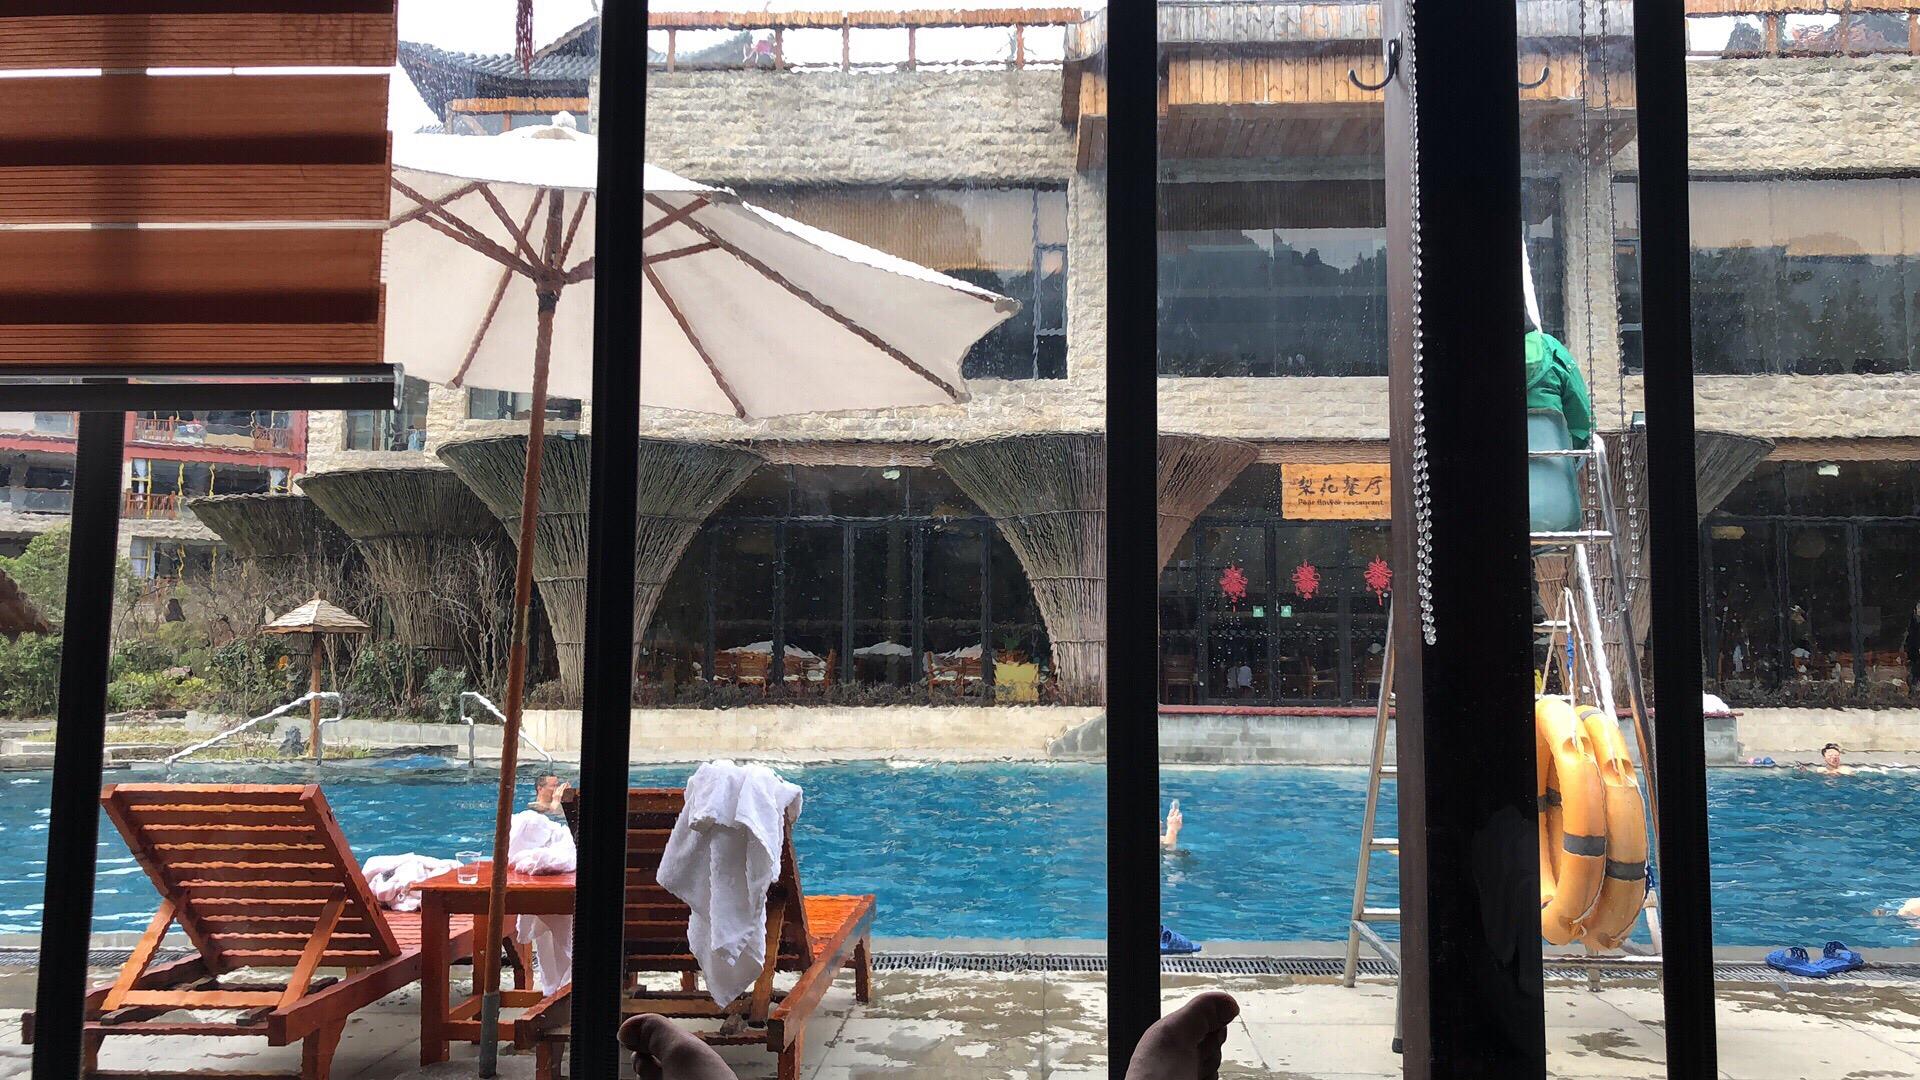 九龍洞溫泉度假莊園